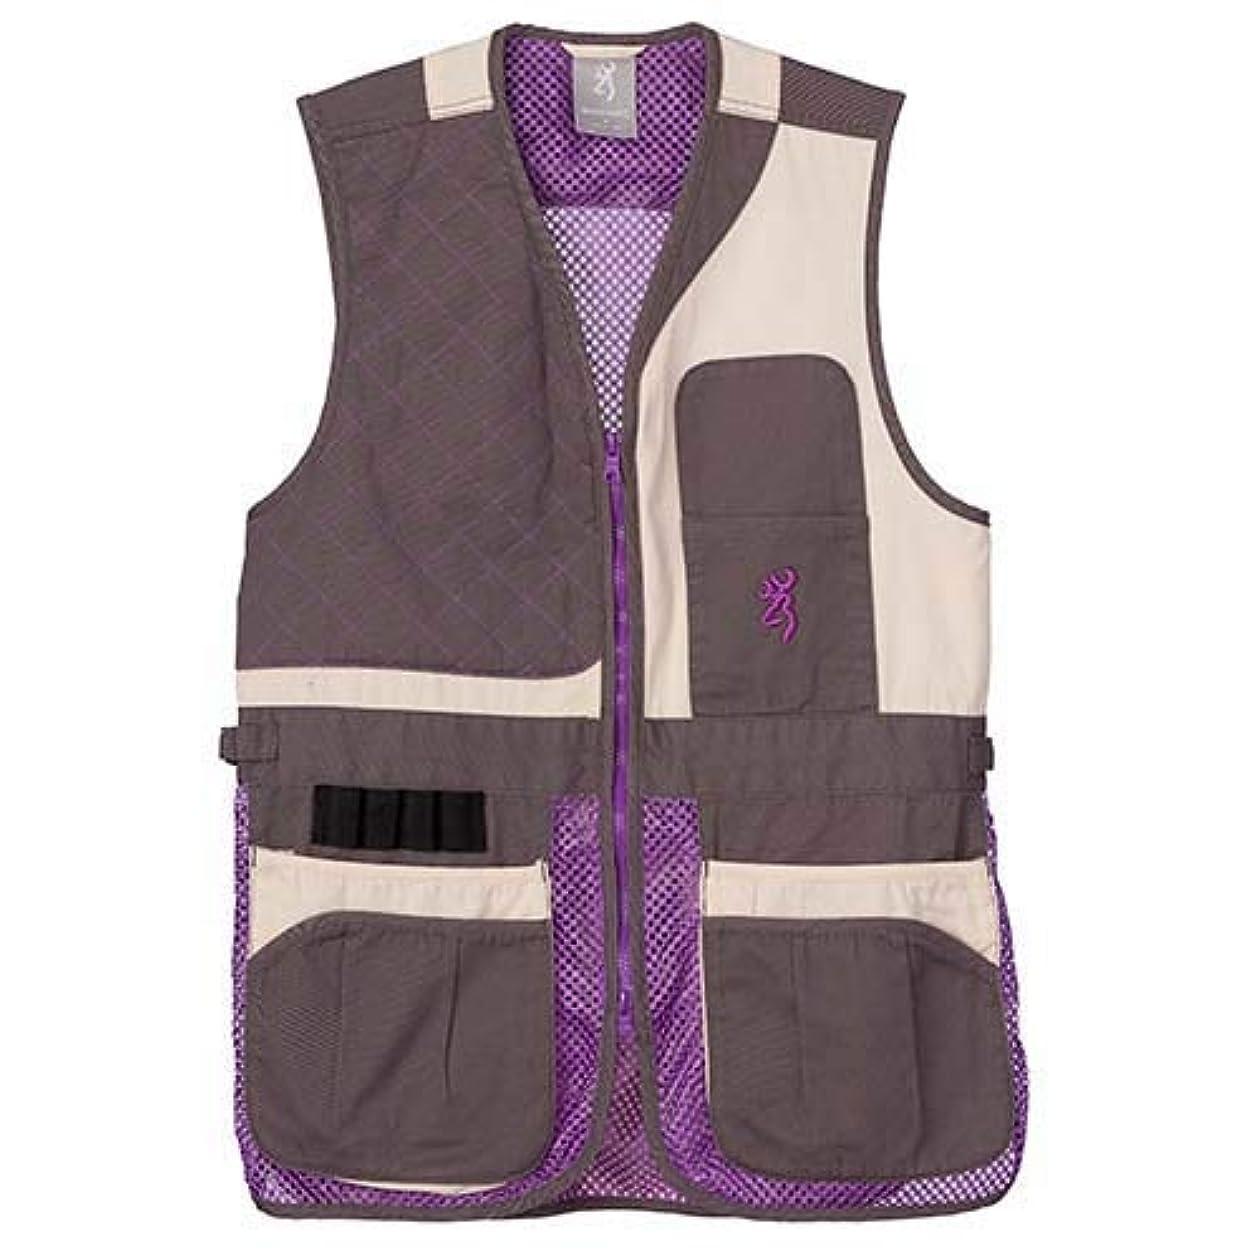 ポインタ縮約BrowningレディースTrapper CreekメッシュShooting vest-cream/Plum/グレー